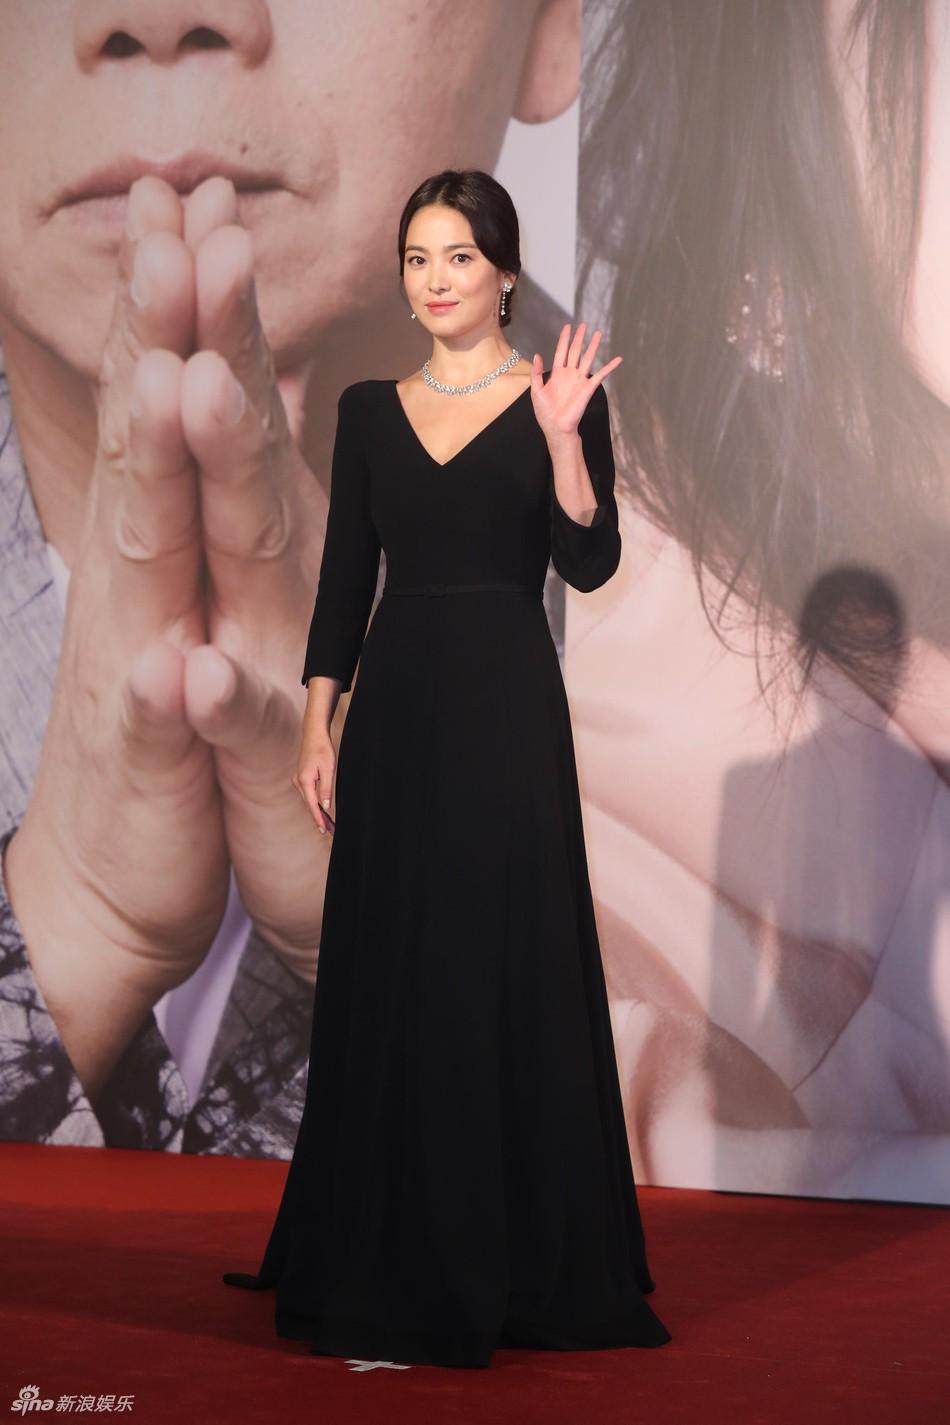 Khoảnh khắc Lưu Đức Hoa nói gà, Song Hye Kyo nói vịt trong Kim Tượng 38th khiến netizen cười quỳ! - Ảnh 7.